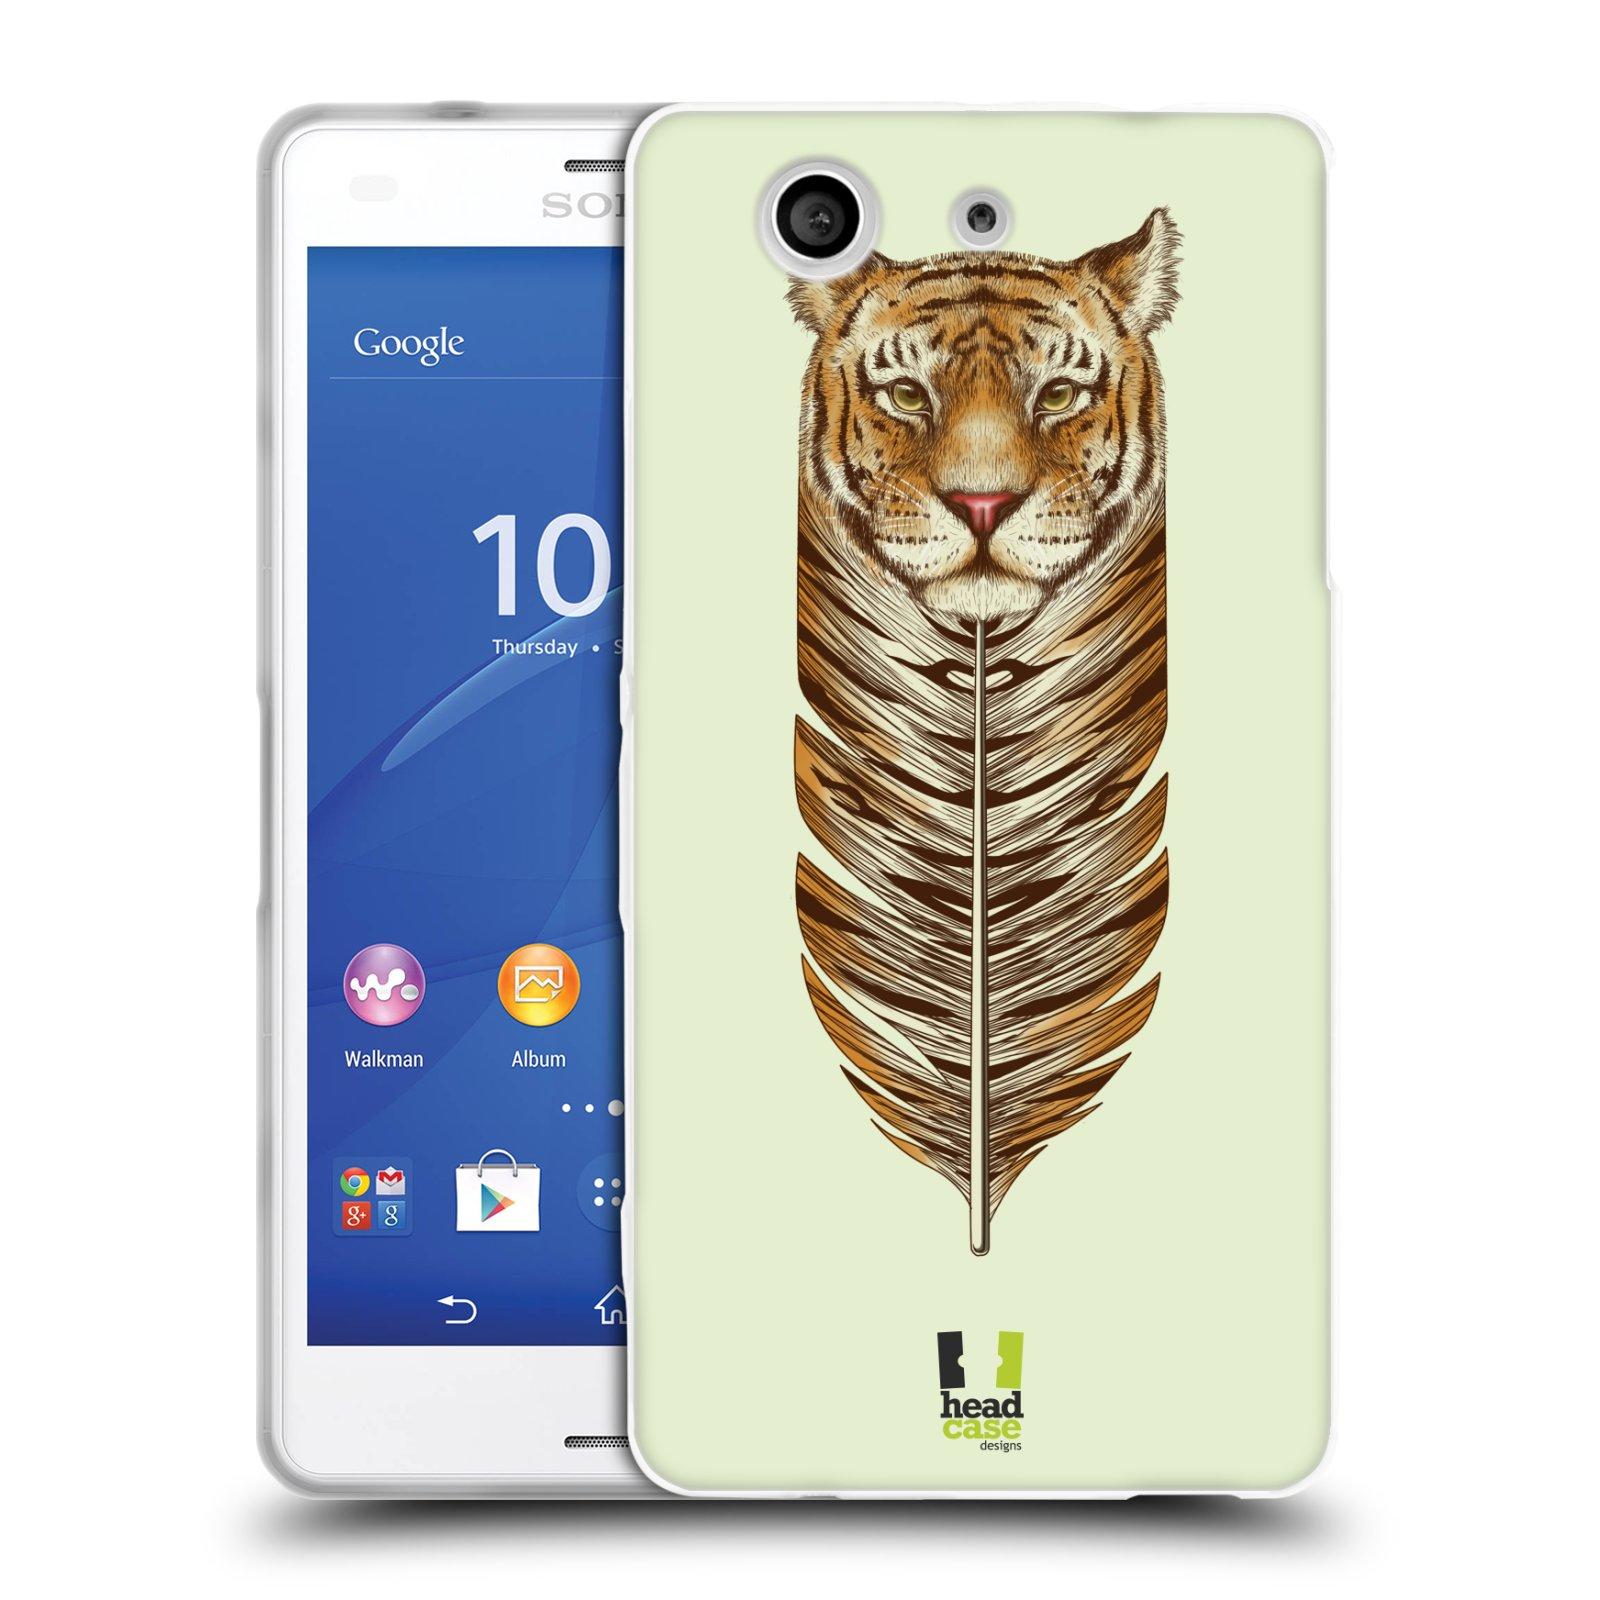 Silikonové pouzdro na mobil Sony Xperia Z3 Compact D5803 HEAD CASE PÍRKO TYGR (Silikonový kryt či obal na mobilní telefon Sony Xperia Z3 Compact)